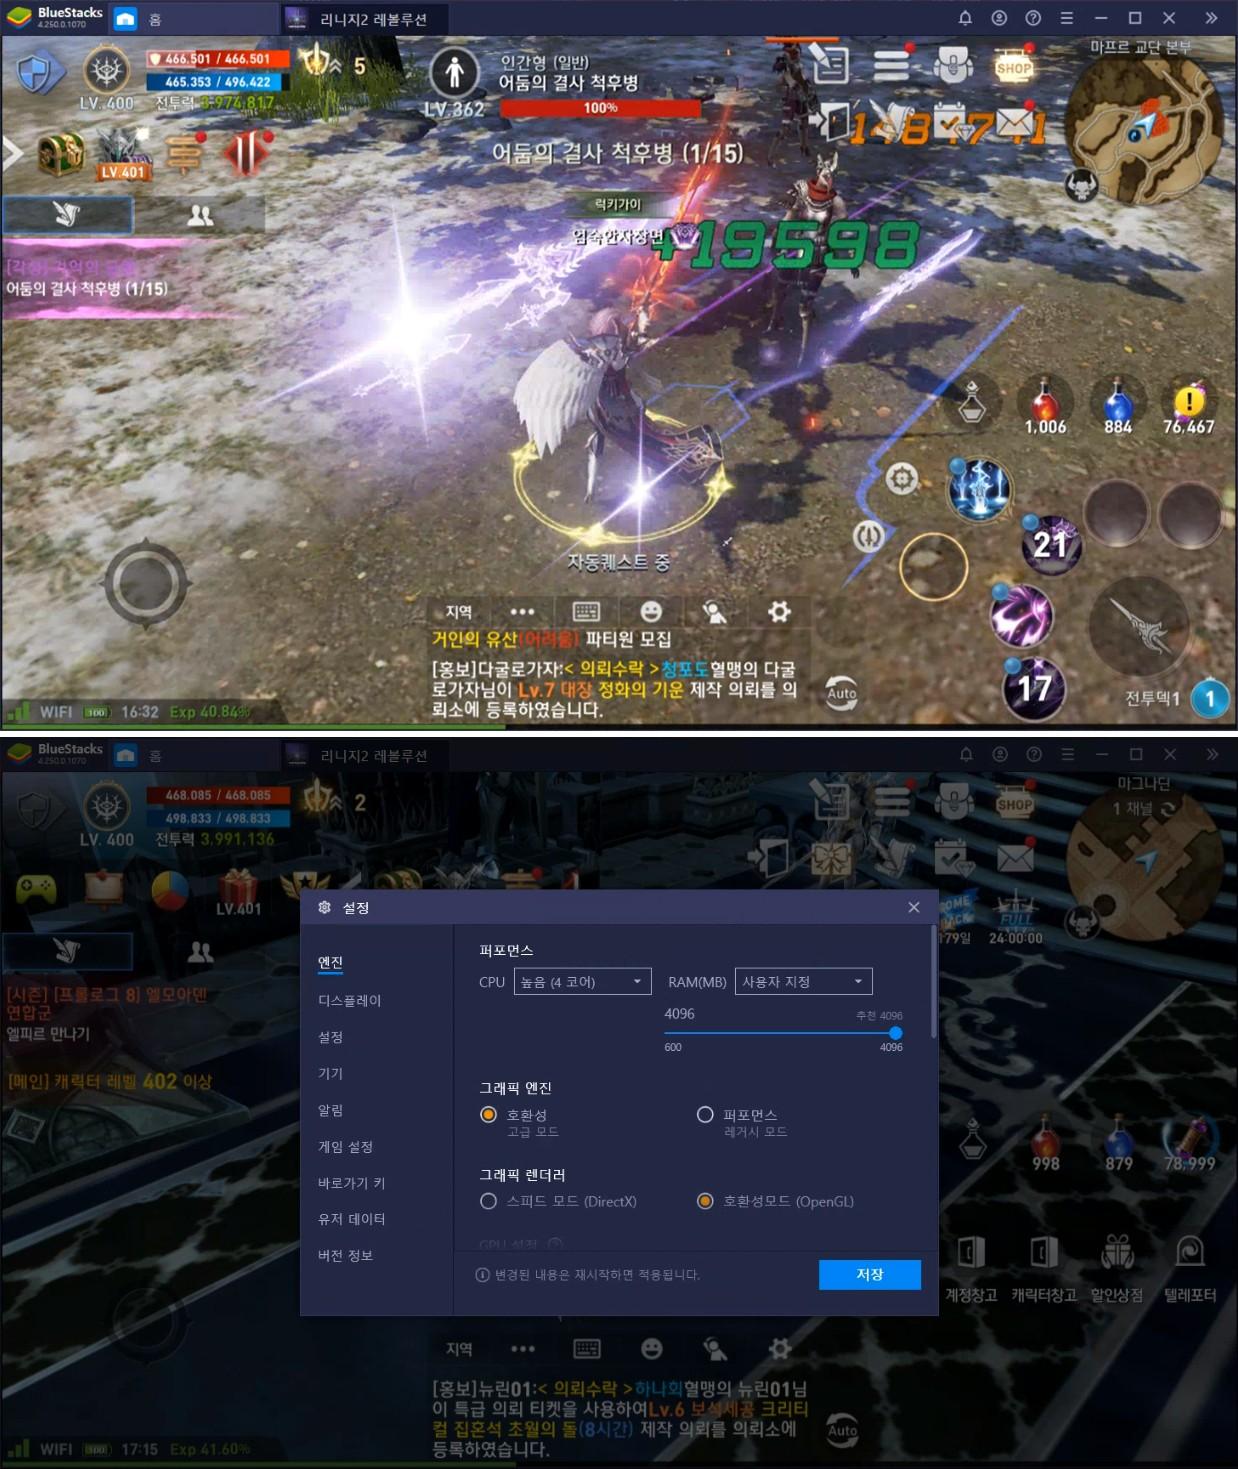 리니지2 레볼루션 2차 각성 업데이트 PC에서 즐겨요!